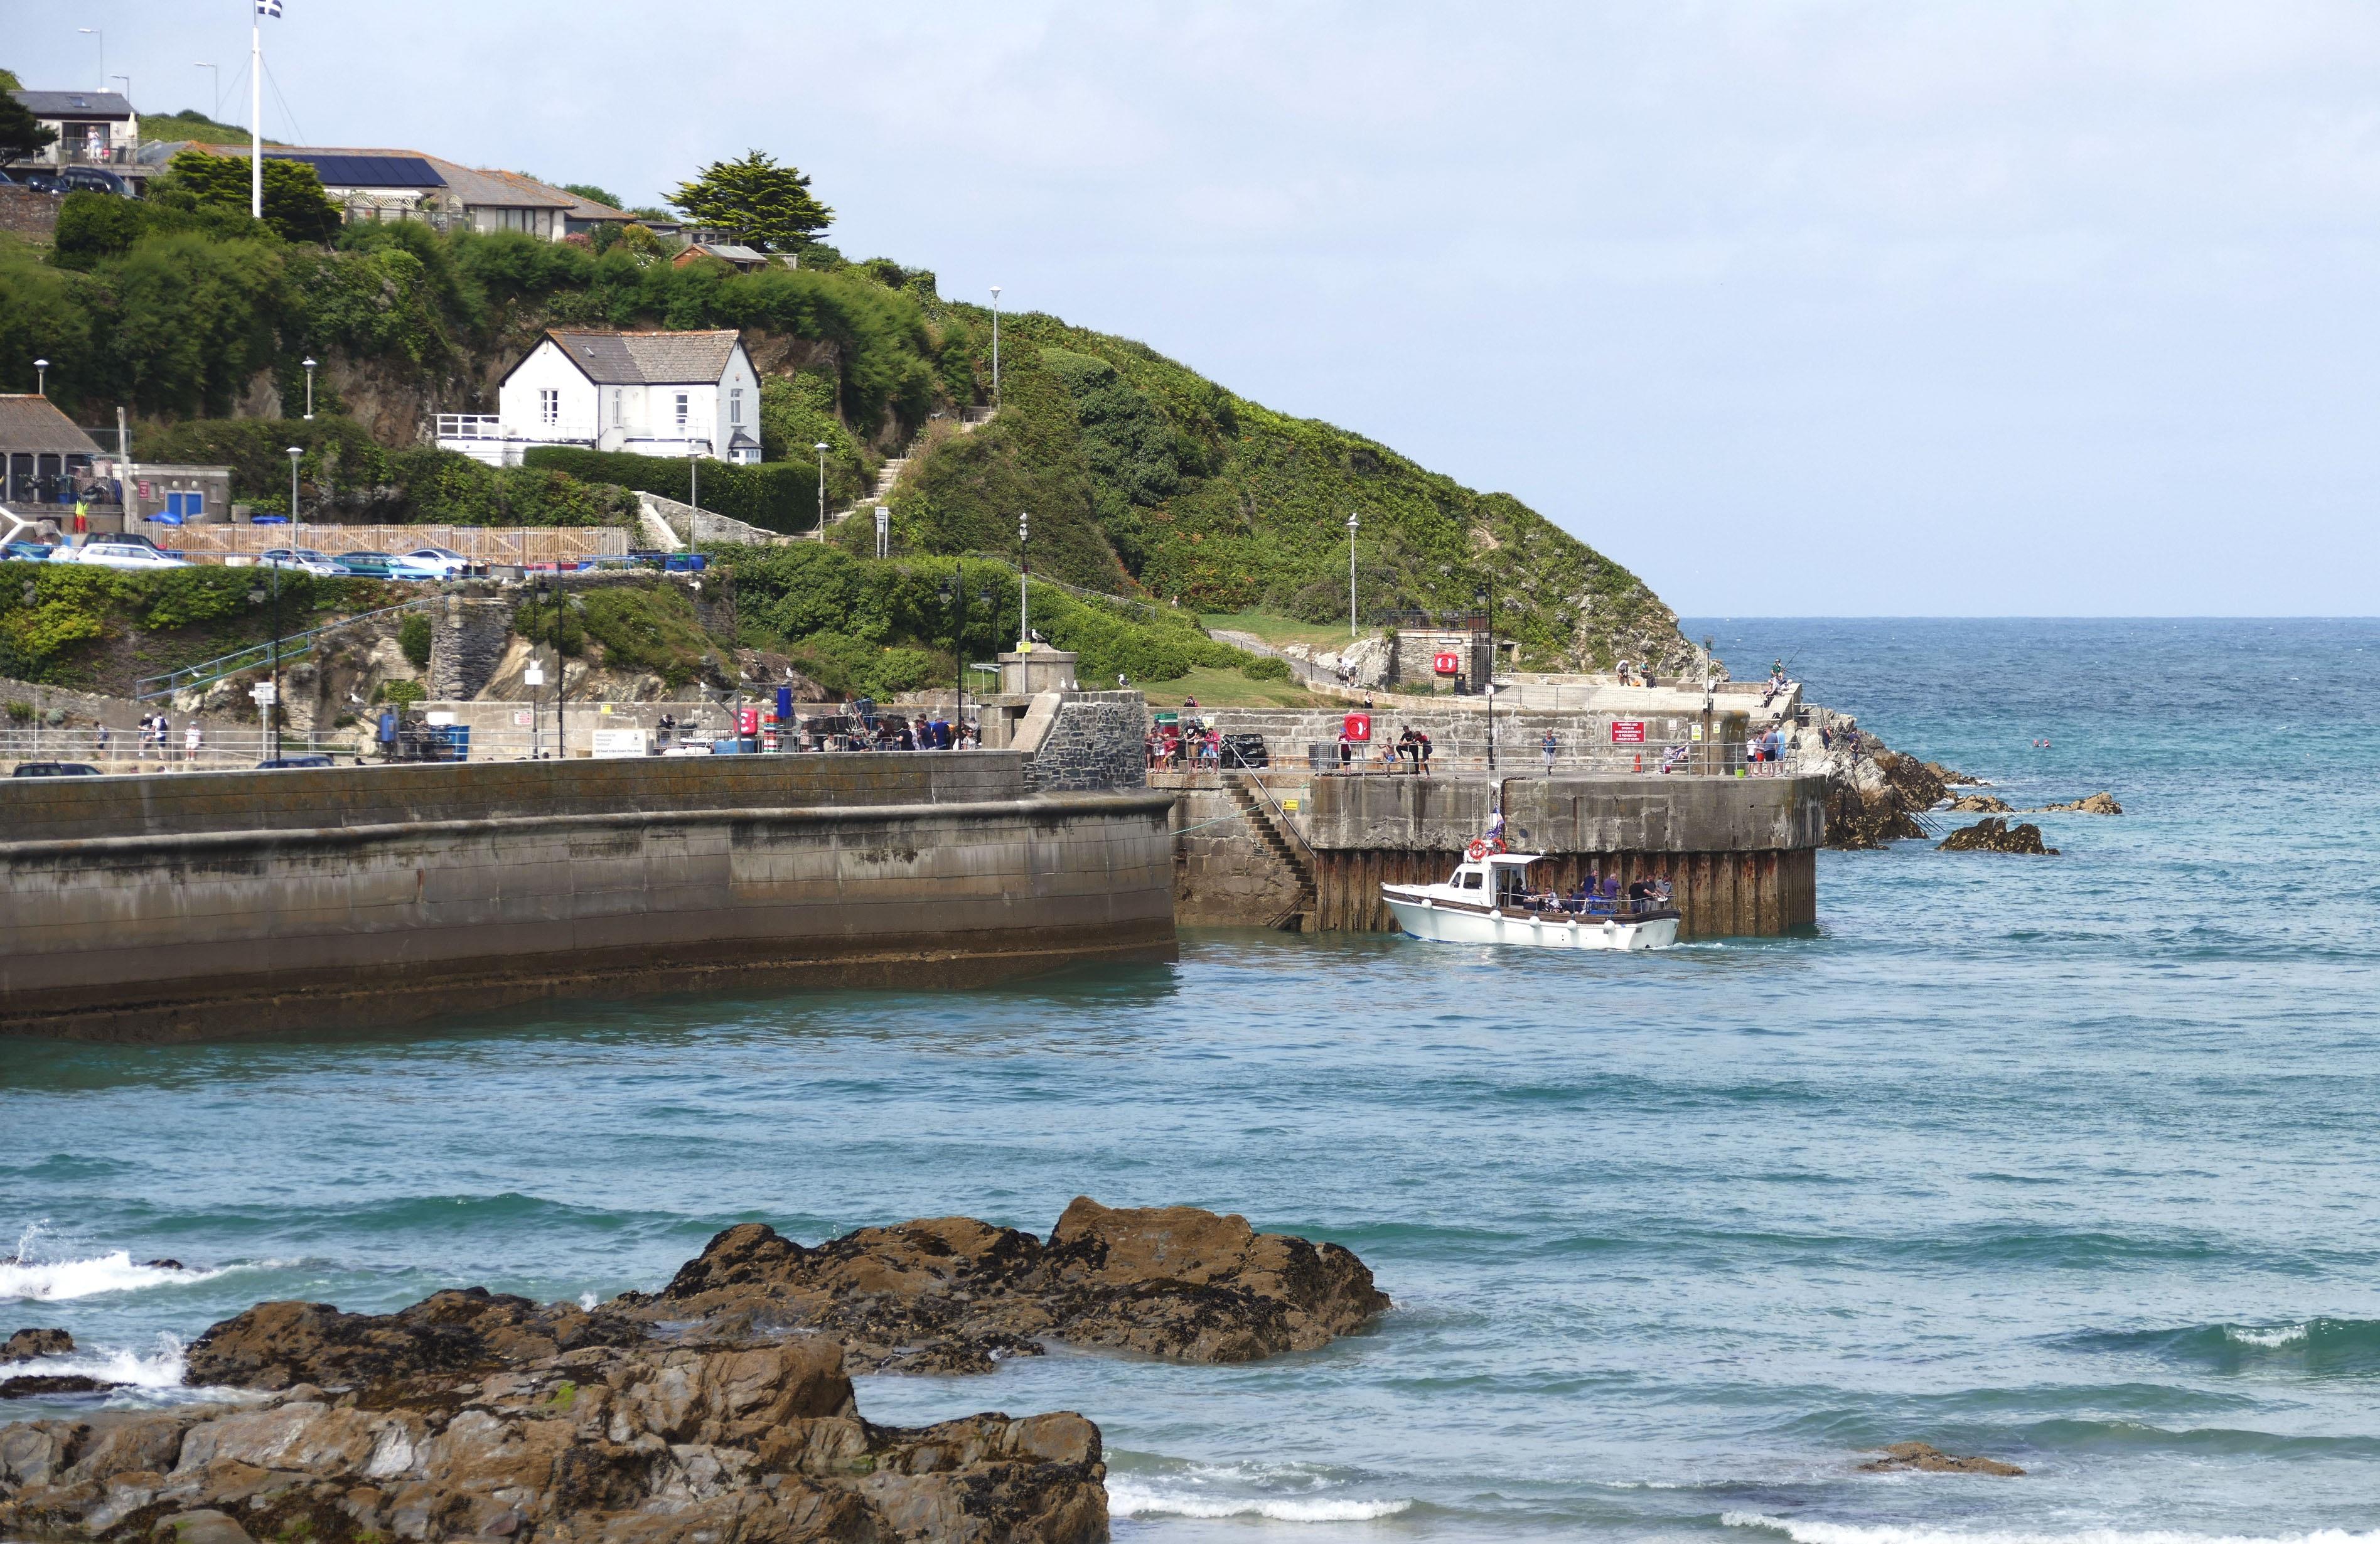 Immagini belle spiaggia mare costa acqua natura all - Soleggiato in inglese ...